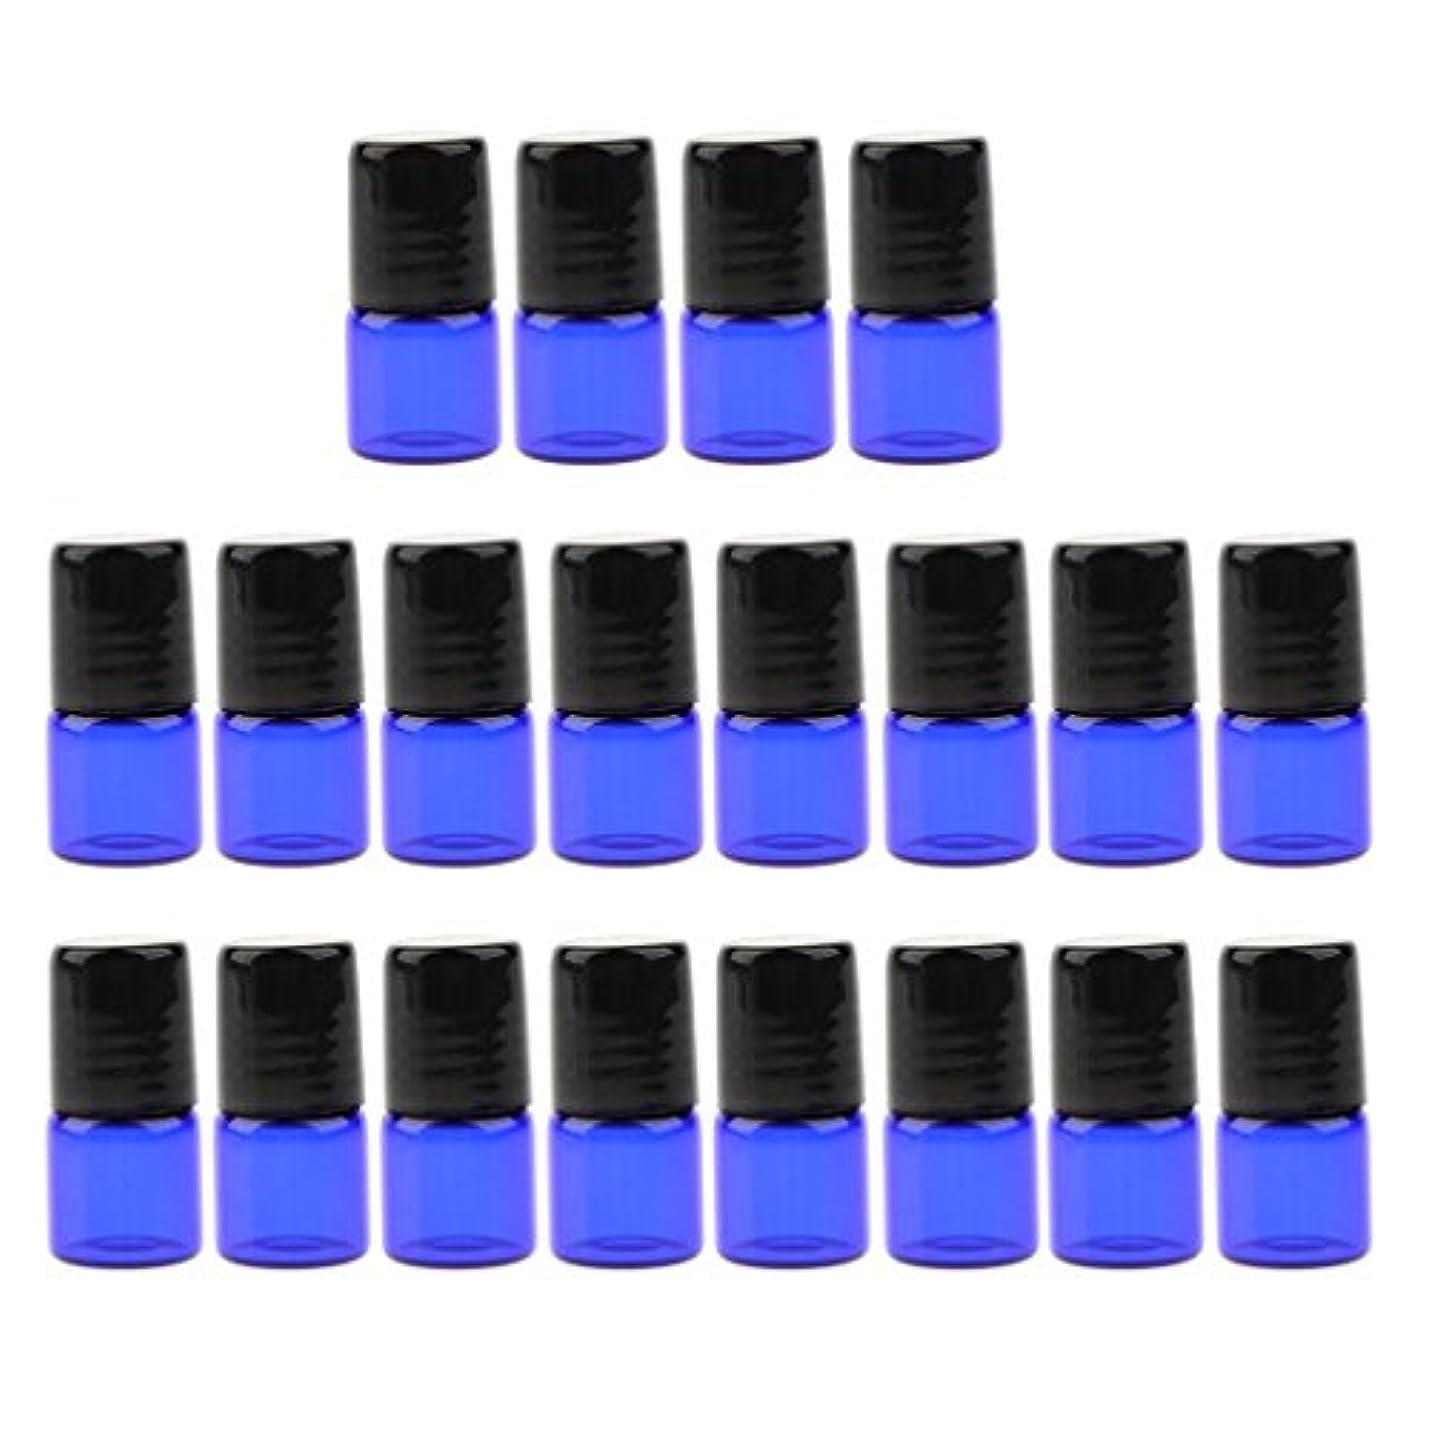 天窓マインドフル有罪エッセンシャルオイル ボトル ガラス ローラーボール 香水ボトル 詰め替え可能な 3サイズ選べ - 1 ml